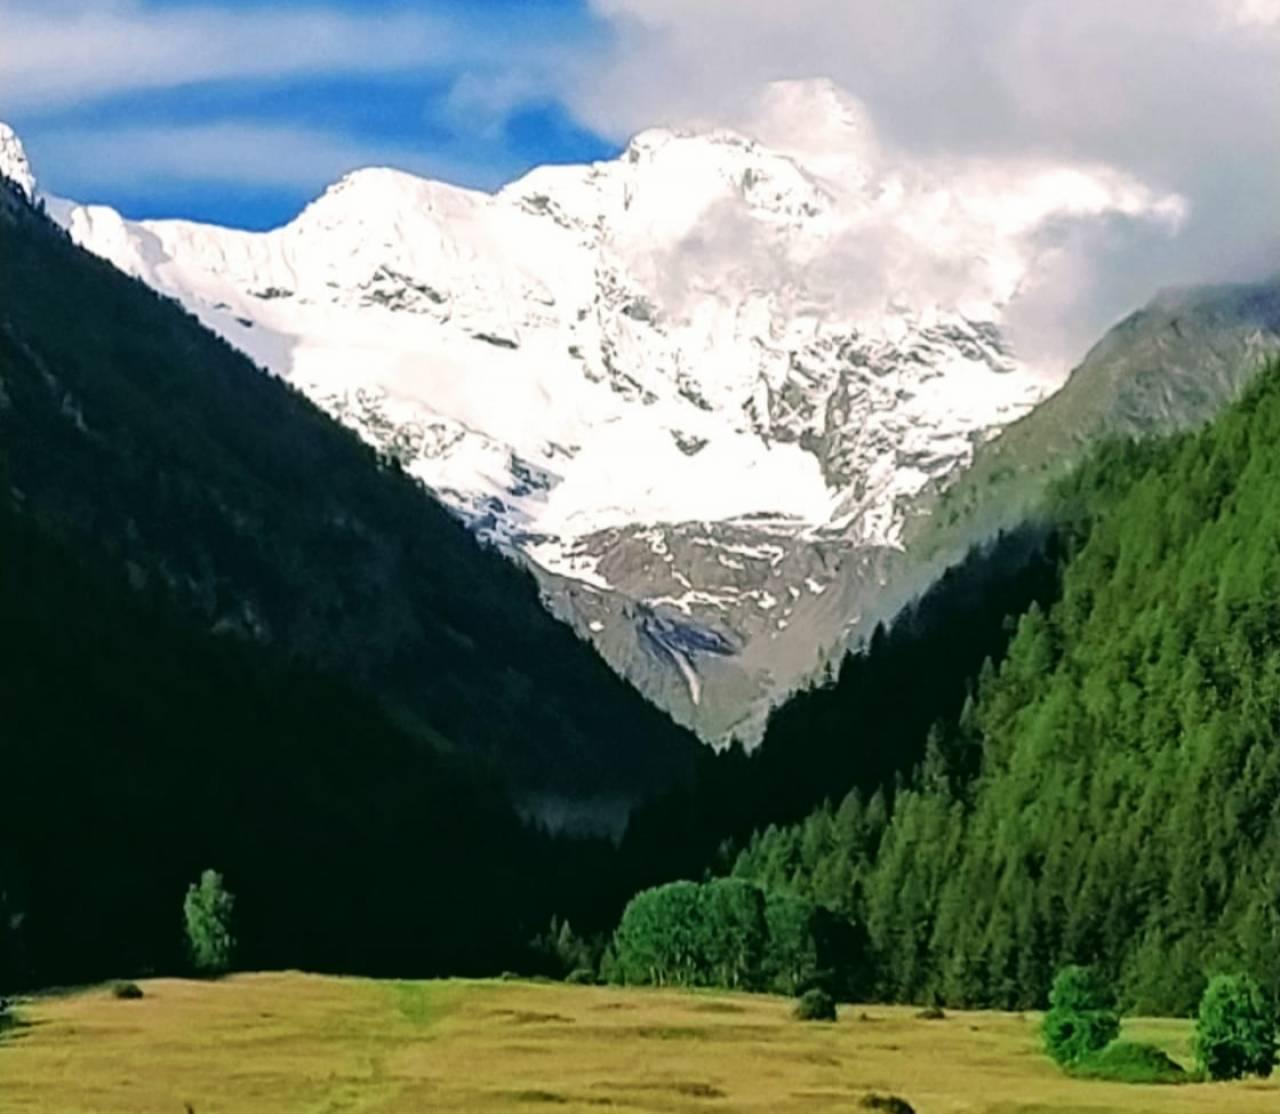 Ecco come si presentava il Gran Paradiso domenica mattina dal versante di Cogne (AO) dopo l'ultima nevicata di sabato